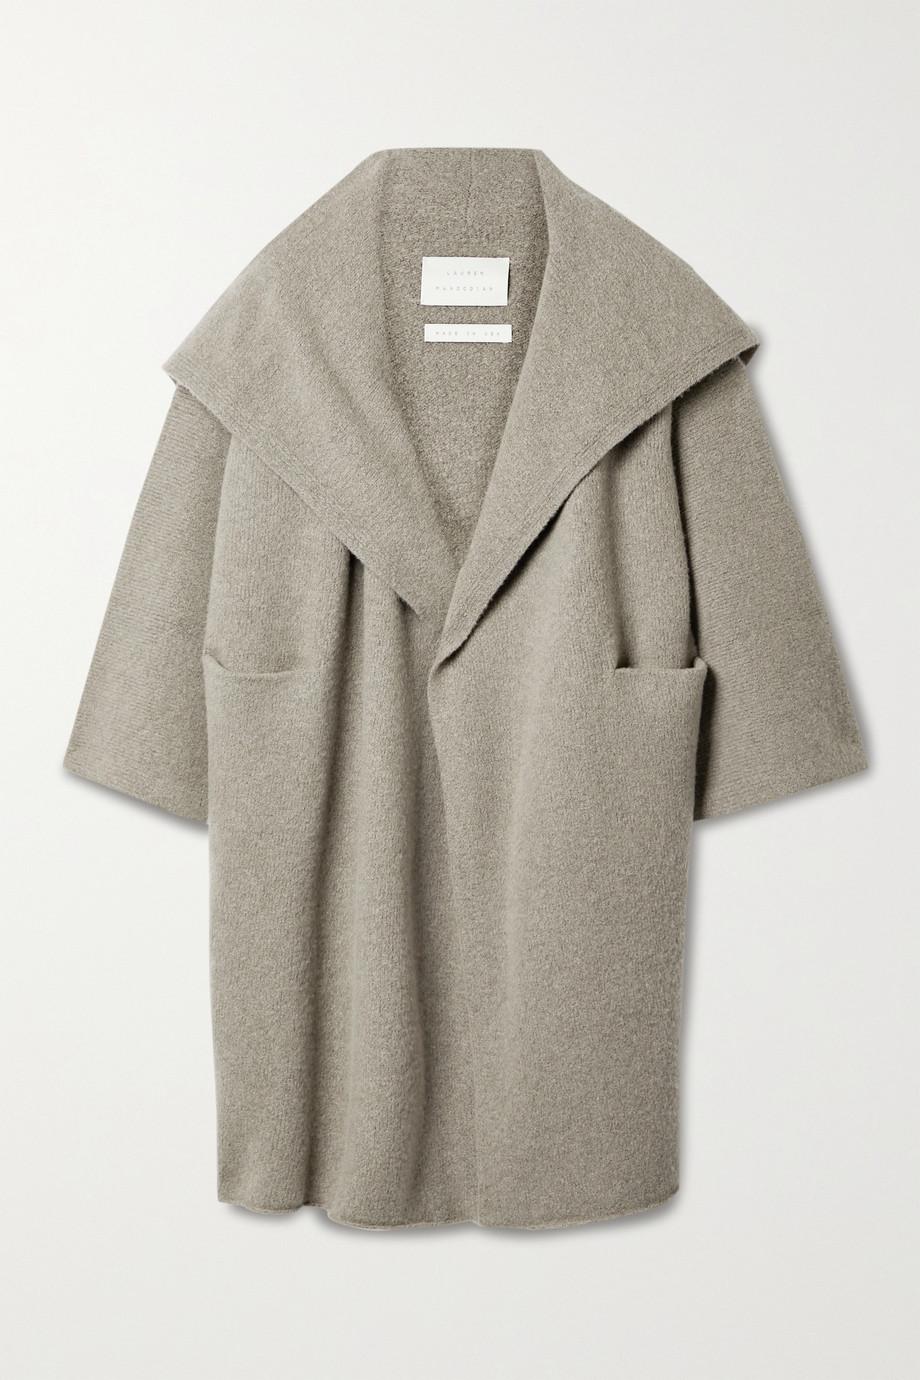 Lauren Manoogian Cashmere-blend coat